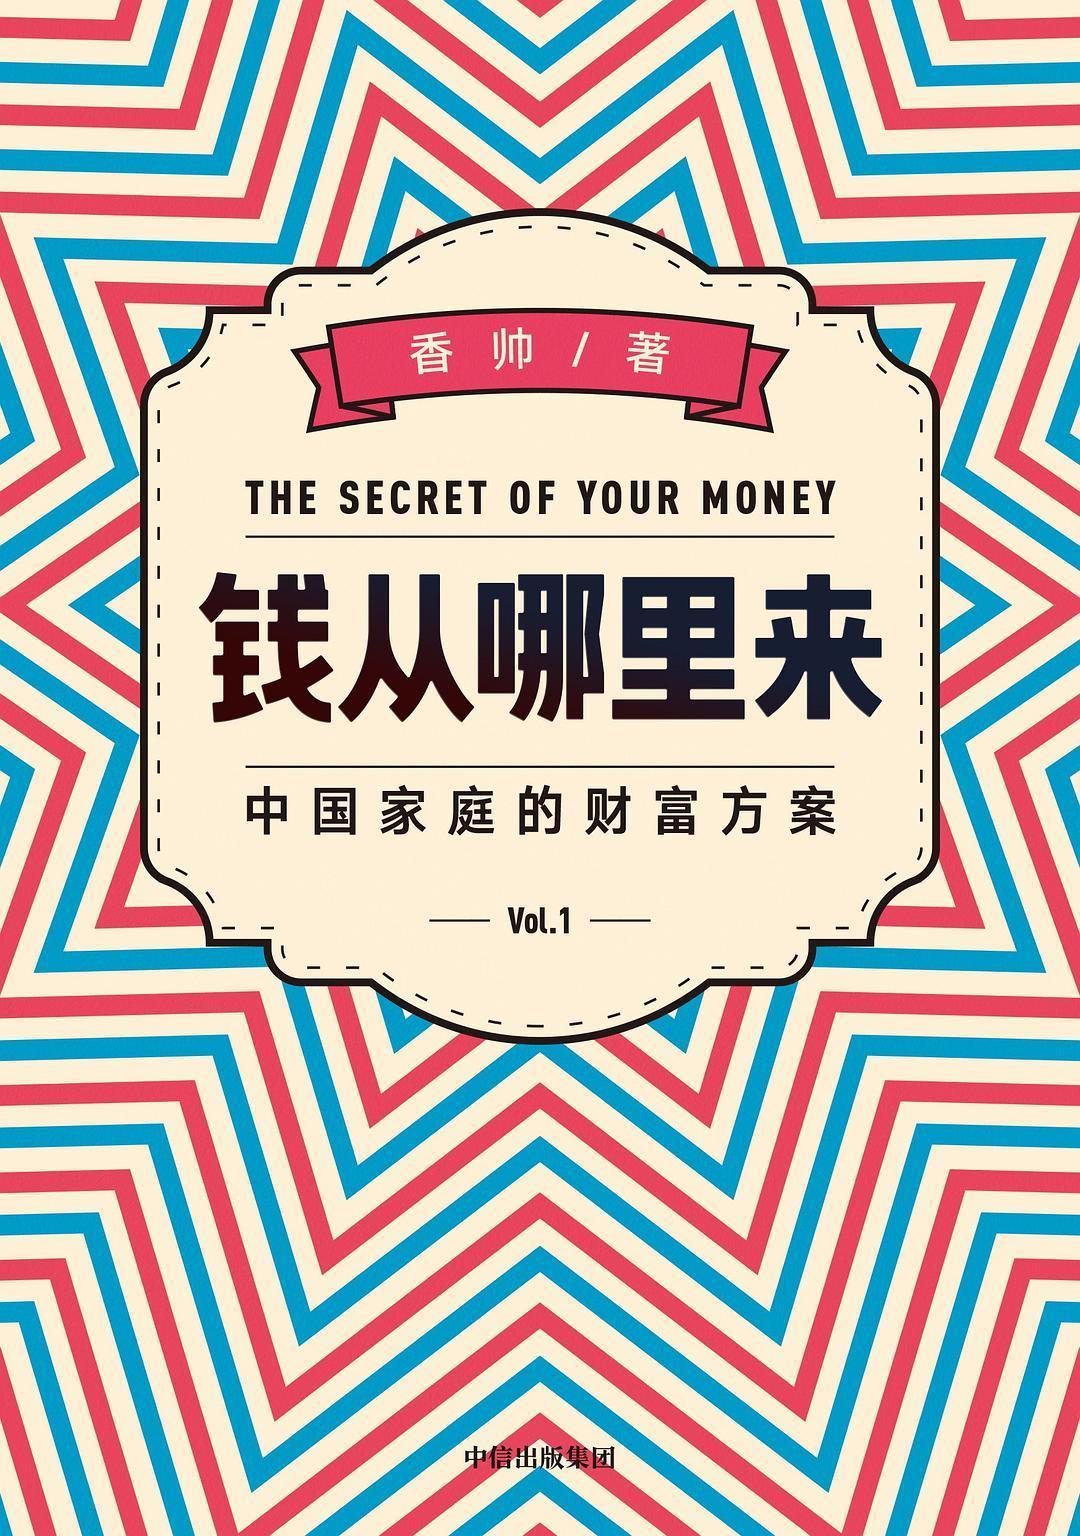 钱从哪里来 : 中国家庭的财富方案PDF下载